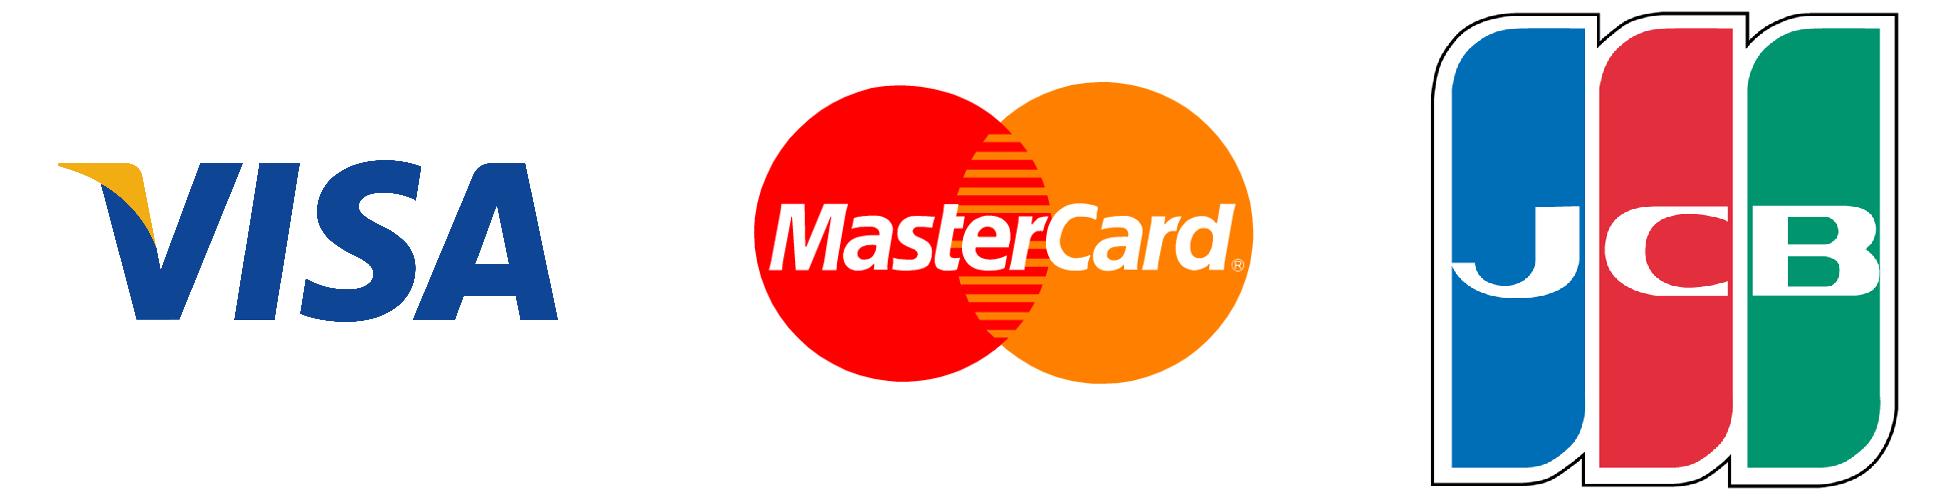 Описание процедур возврата денежных средств при оплате банковской картой